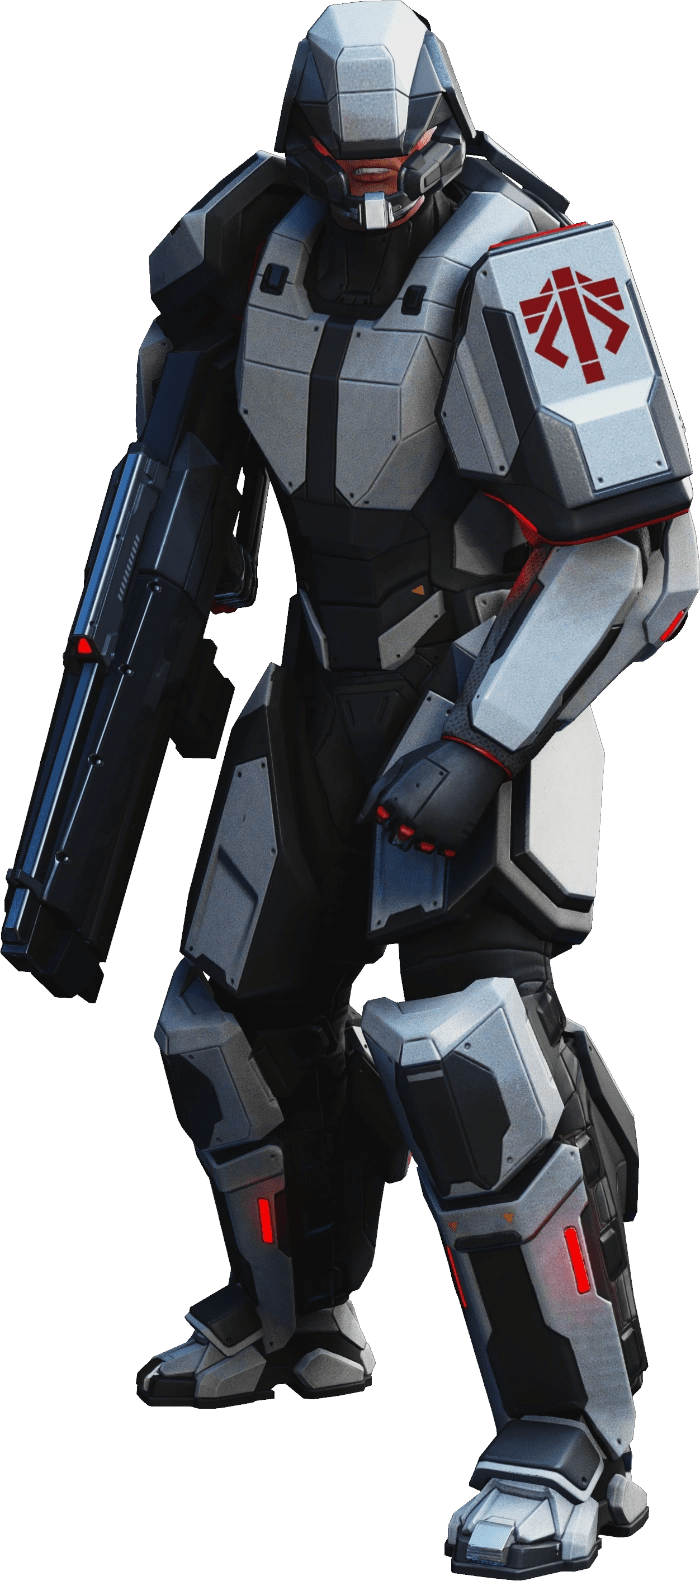 ADVENT Shieldbearer  XCOM Wiki  FANDOM powered by Wikia